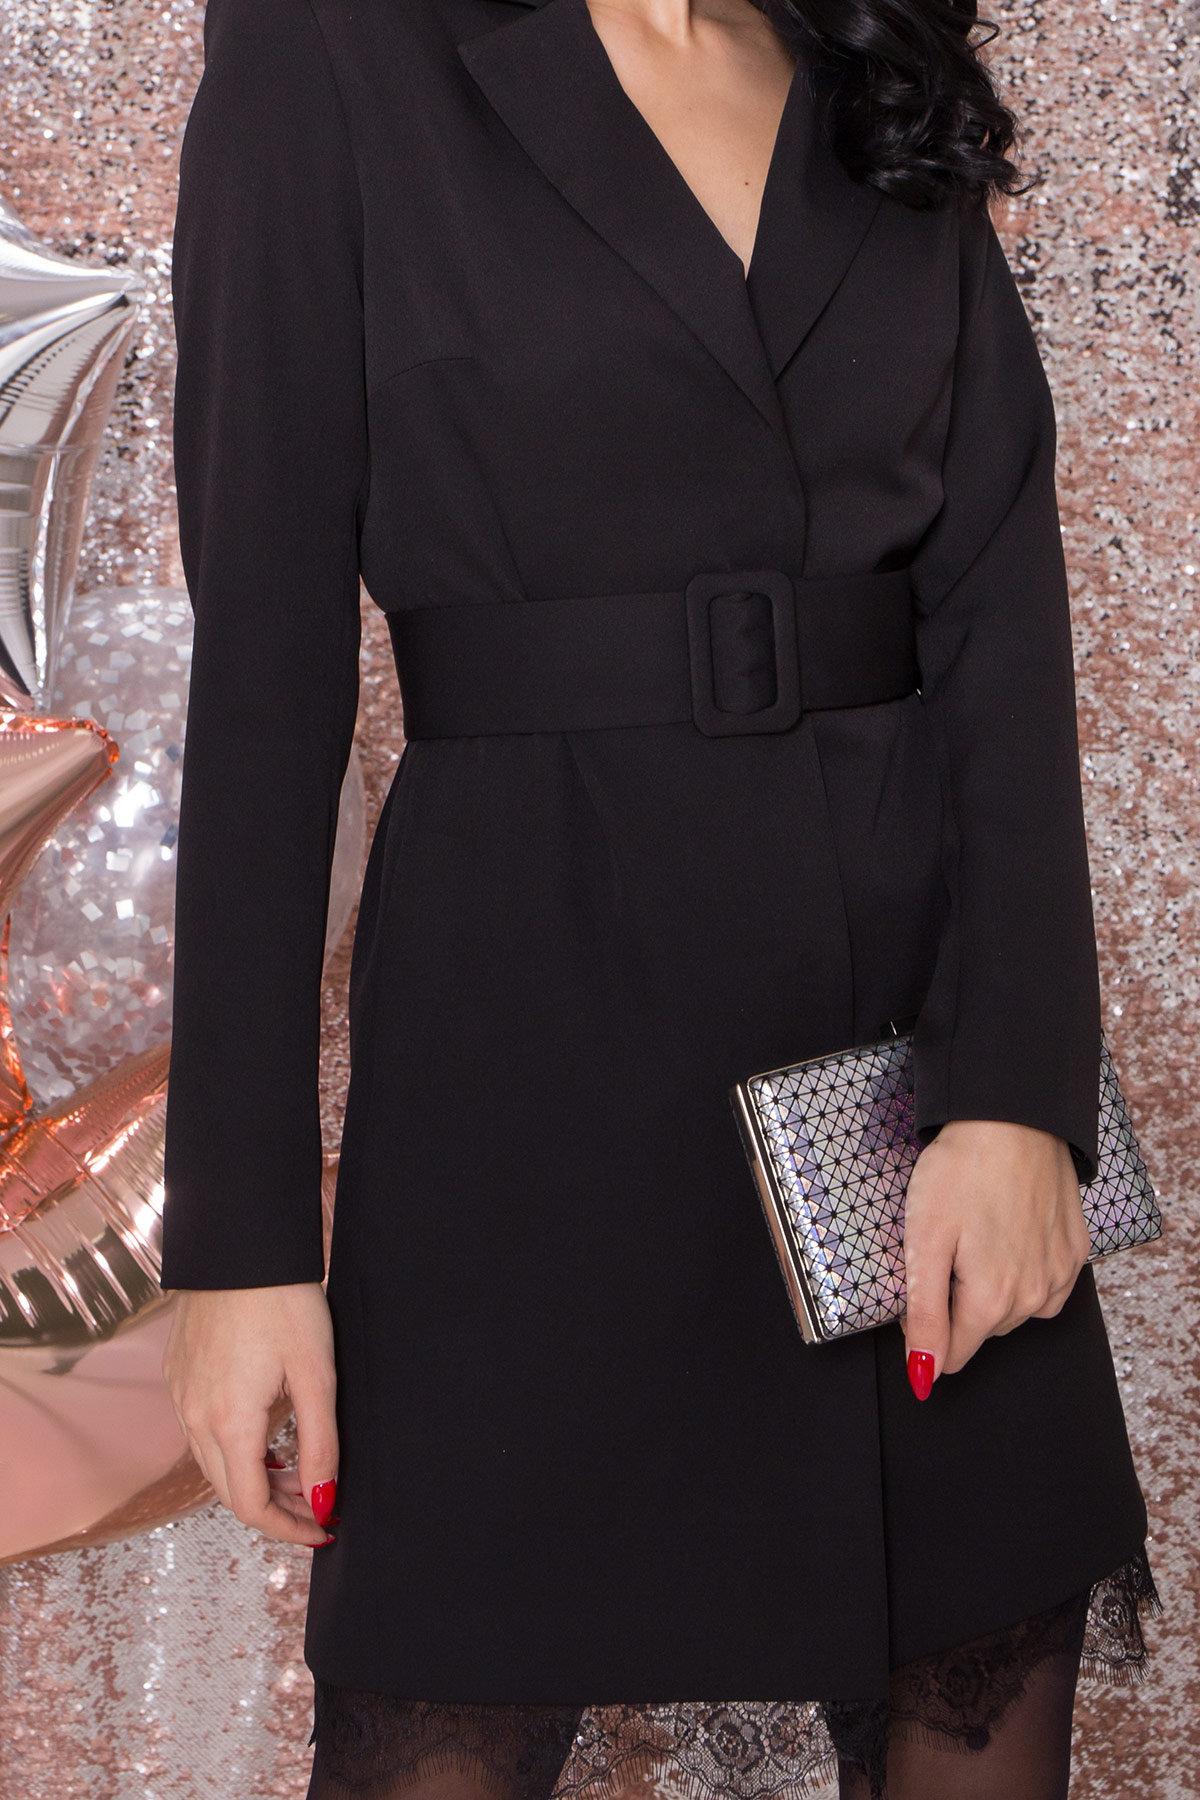 Платье-жакет Маренго 8426 АРТ. 44664 Цвет: Черный - фото 6, интернет магазин tm-modus.ru